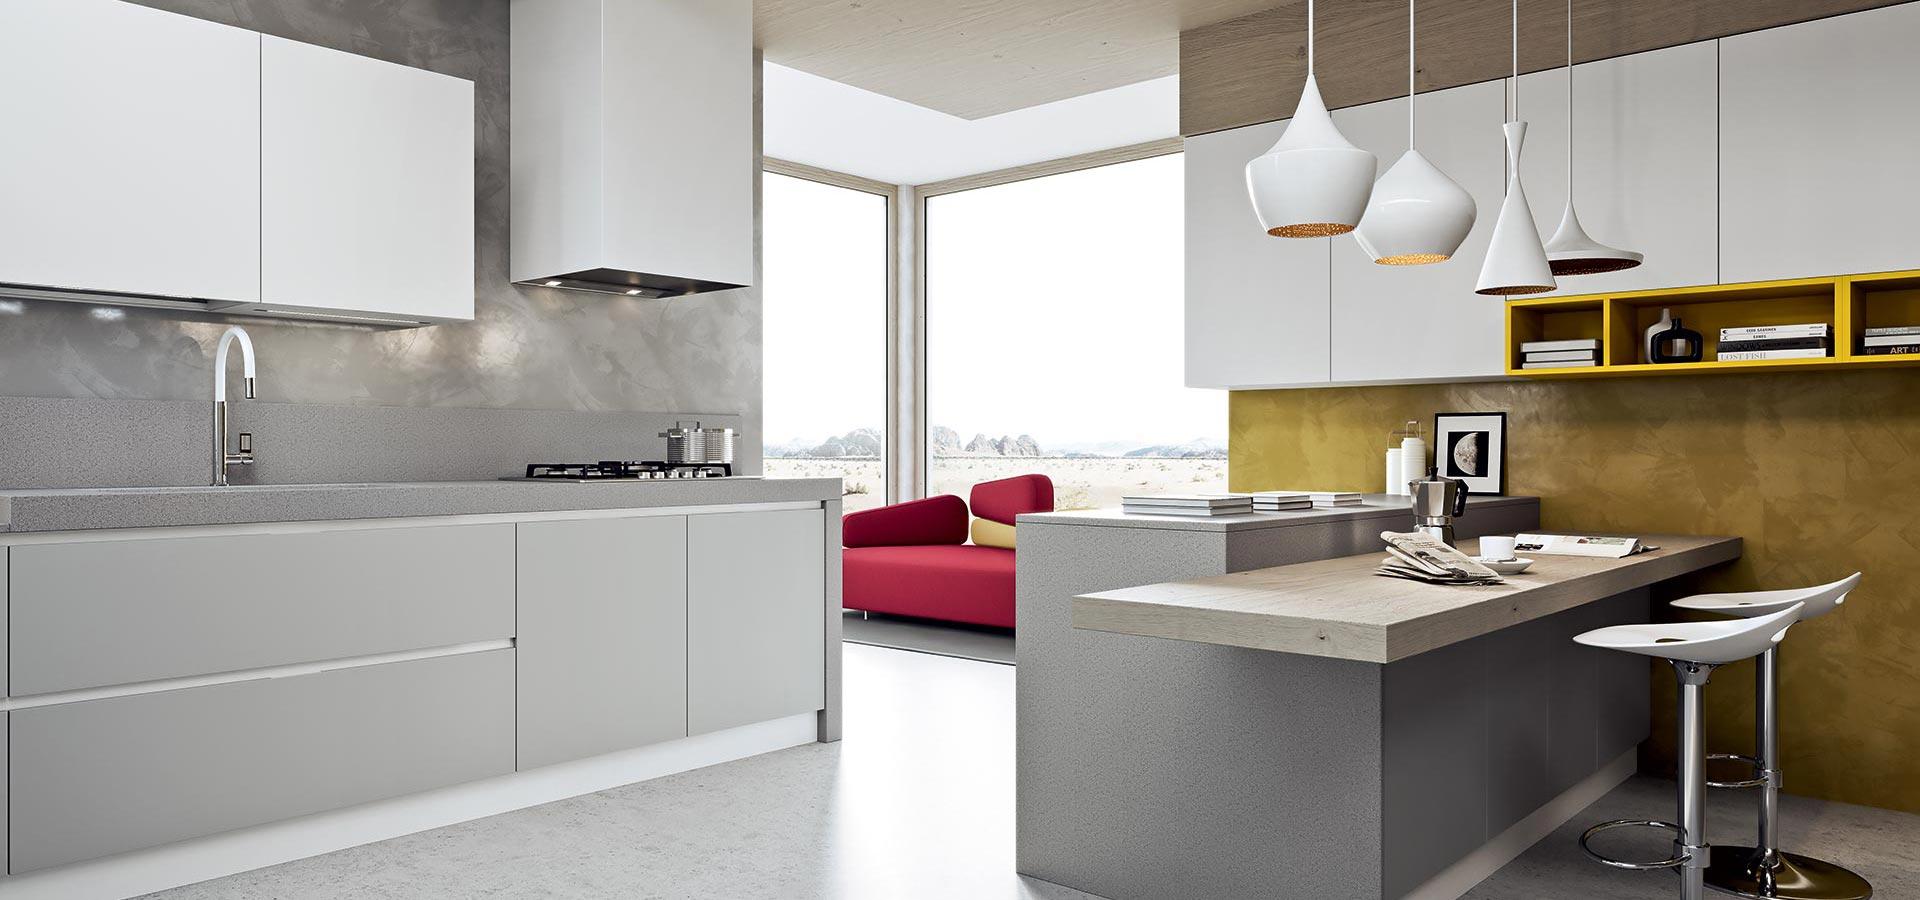 Arredamenti Gallomobili Mobili Udine - Cucine Moderne - Cucina Luna